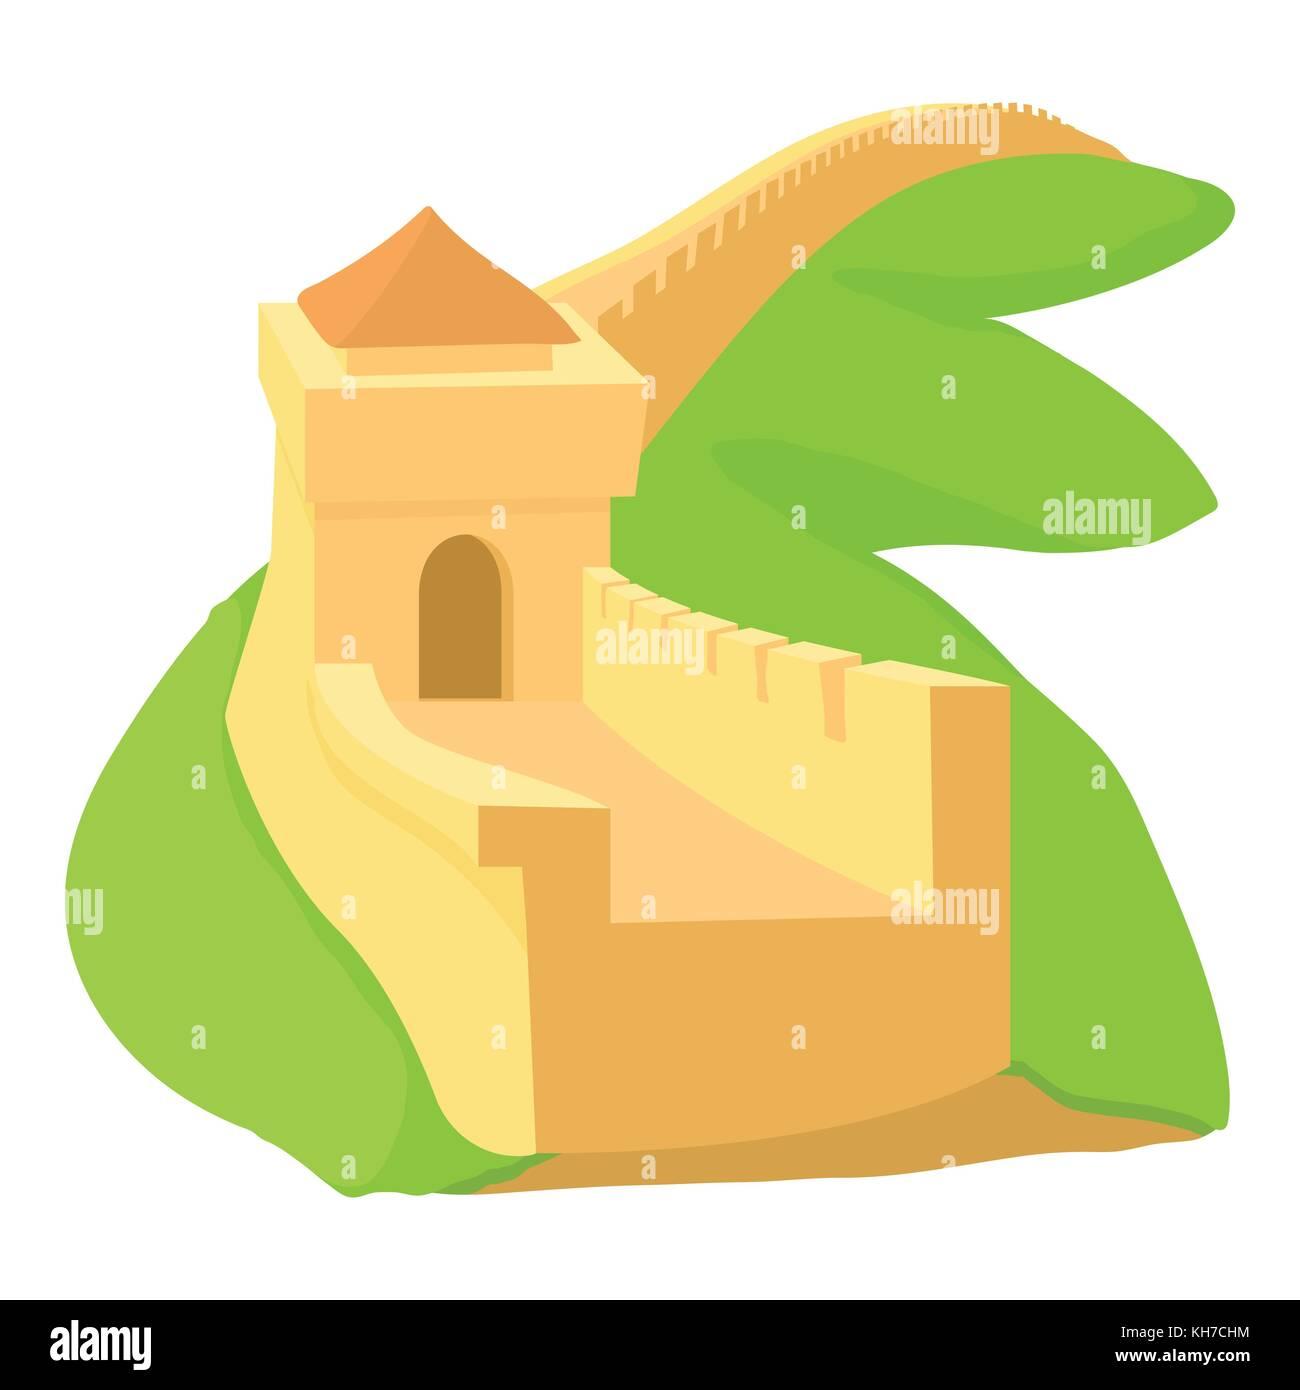 Great Wall China Vector Icon Stock Photos & Great Wall China Vector ...